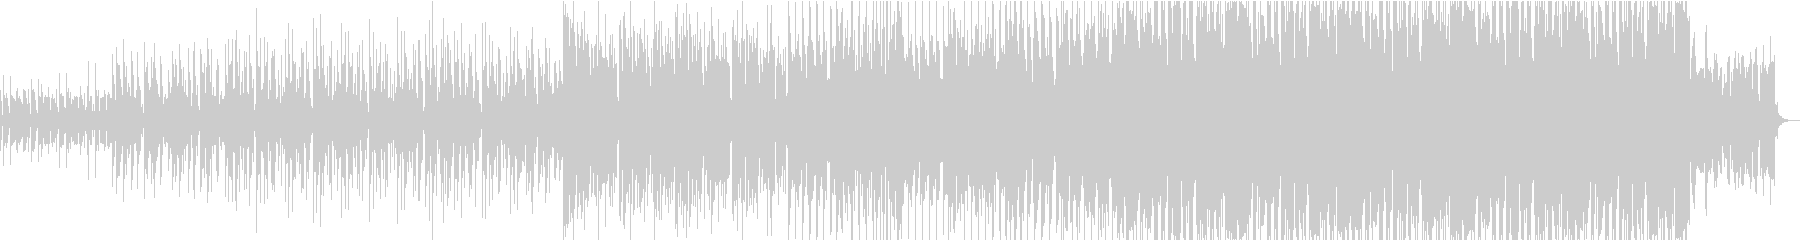 電子音のエレクトロハウスの未再生の波形